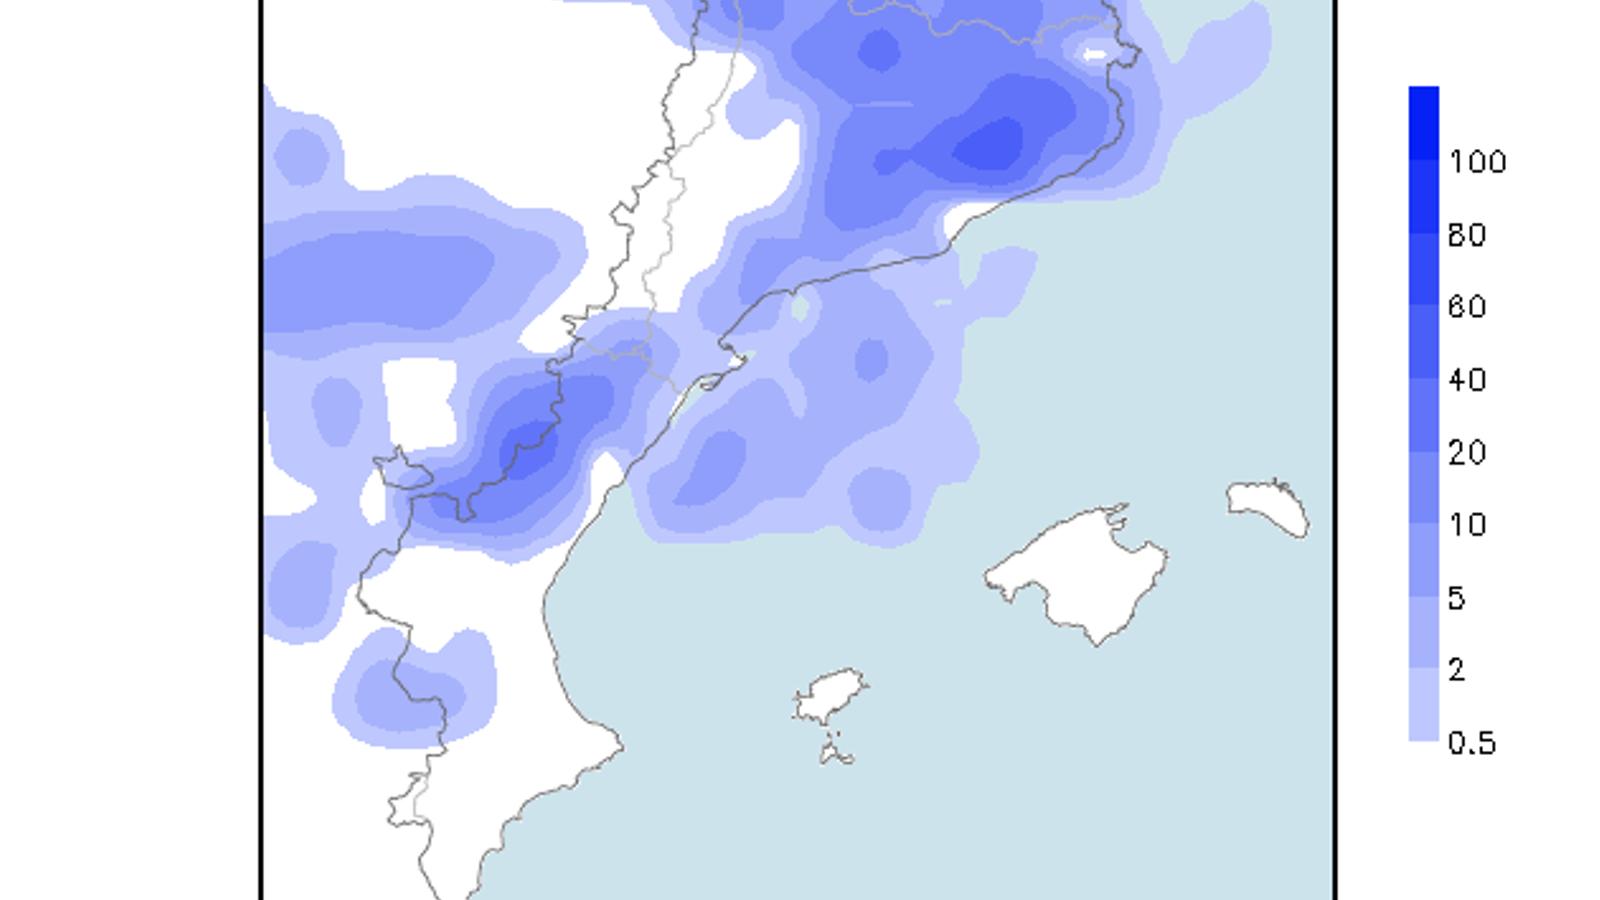 Precipitació acumulada prevista per avui dissabte / Model GFS 0.25 / ARA méteo